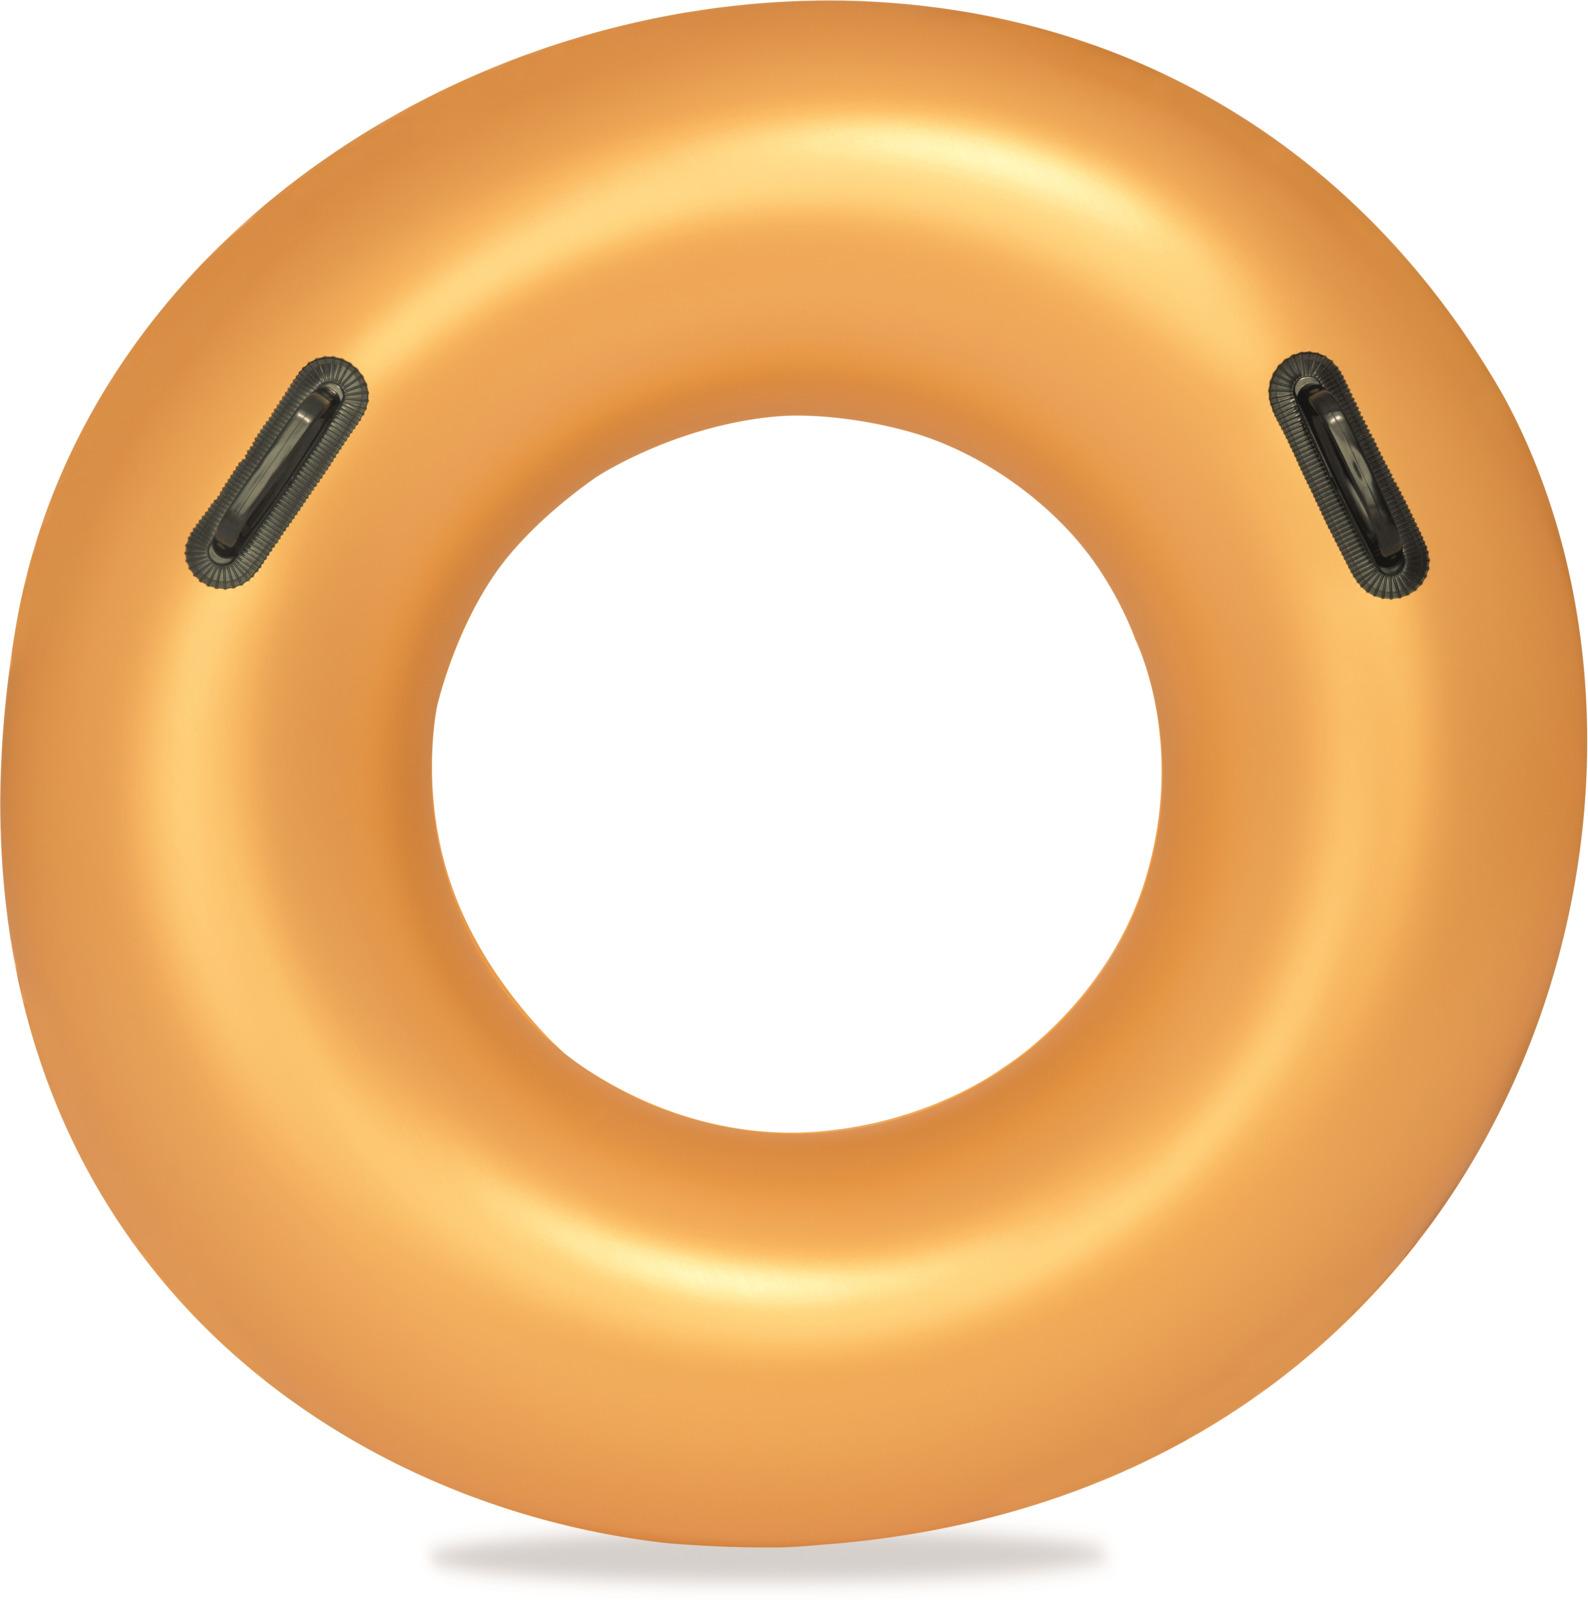 Круг надувной Bestway Золото, диаметр 91 см bestway